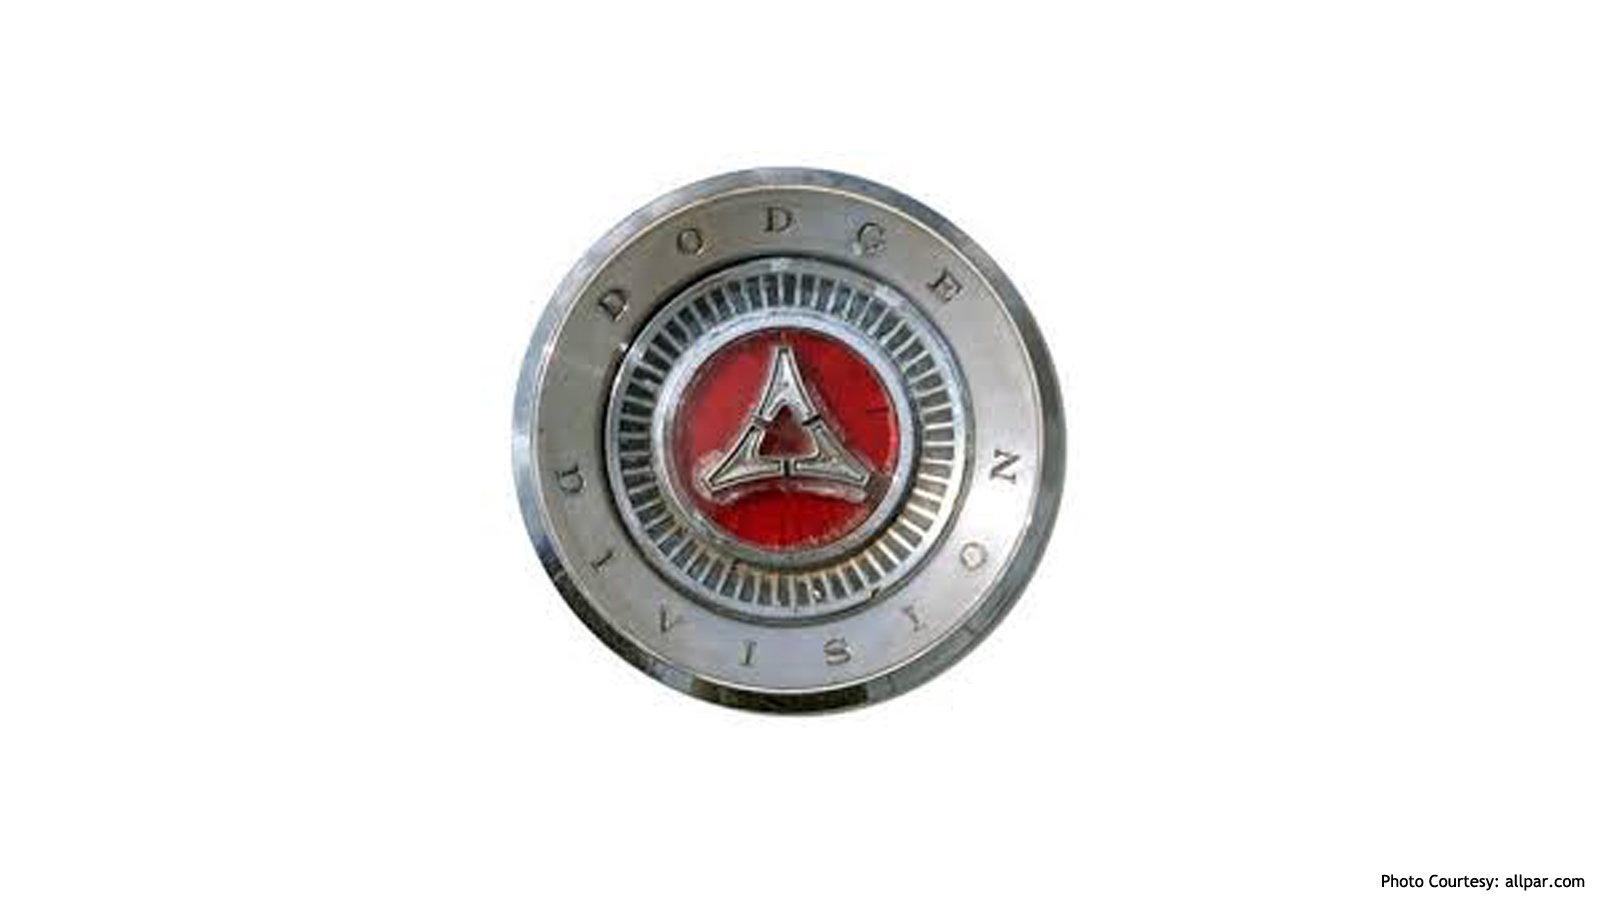 1970 Coronet Emblem